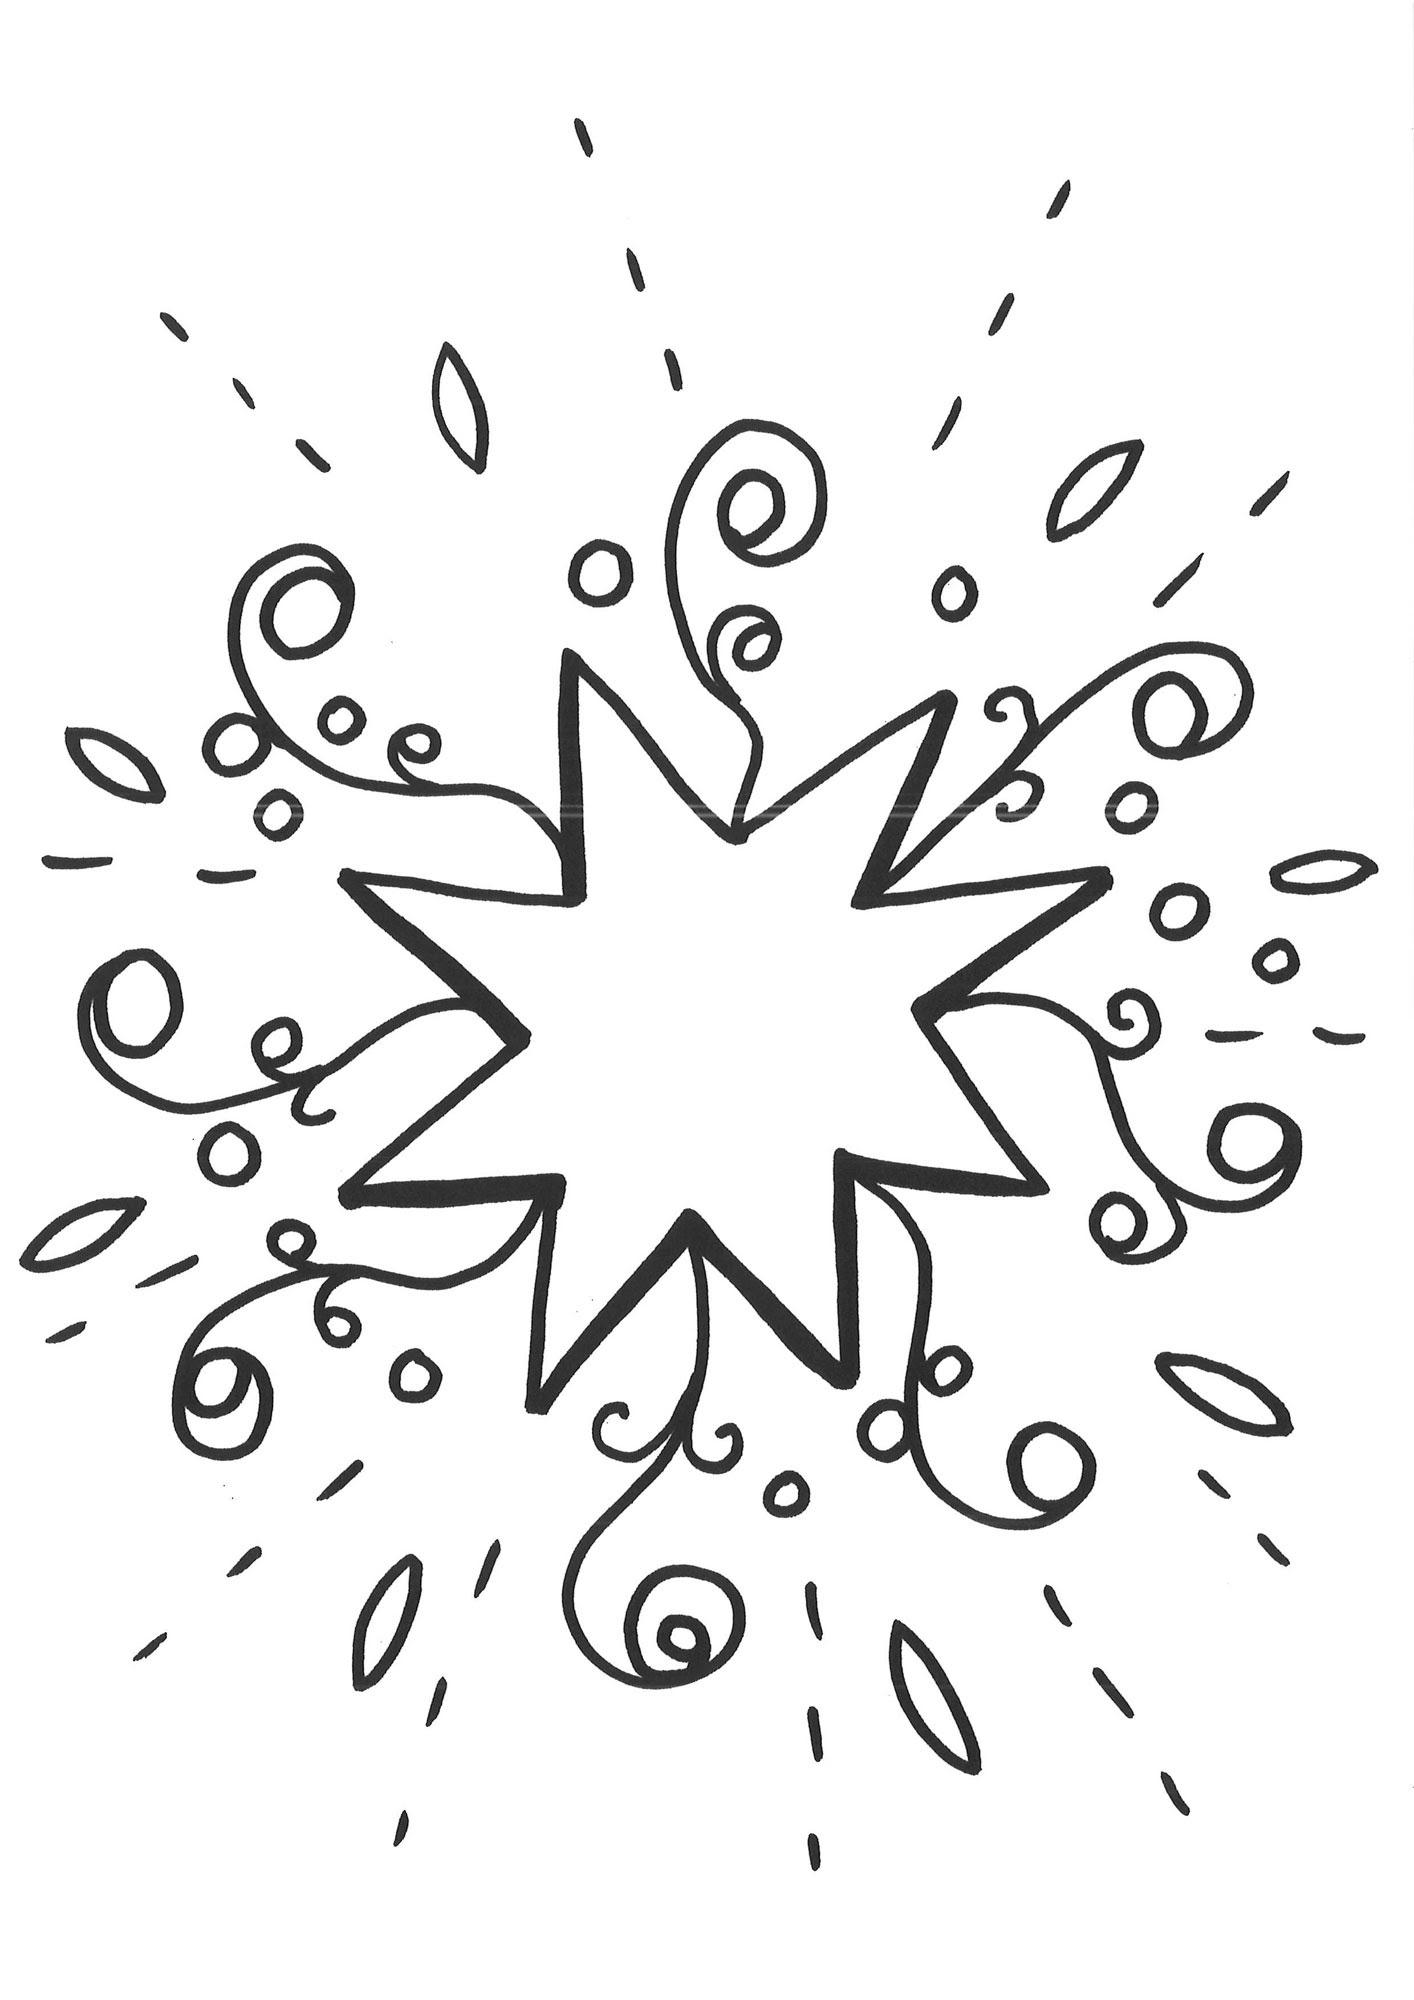 Ausmalbild Schneeflocken und Sterne Malvorlage Stern 1 kostenlos ausdrucken